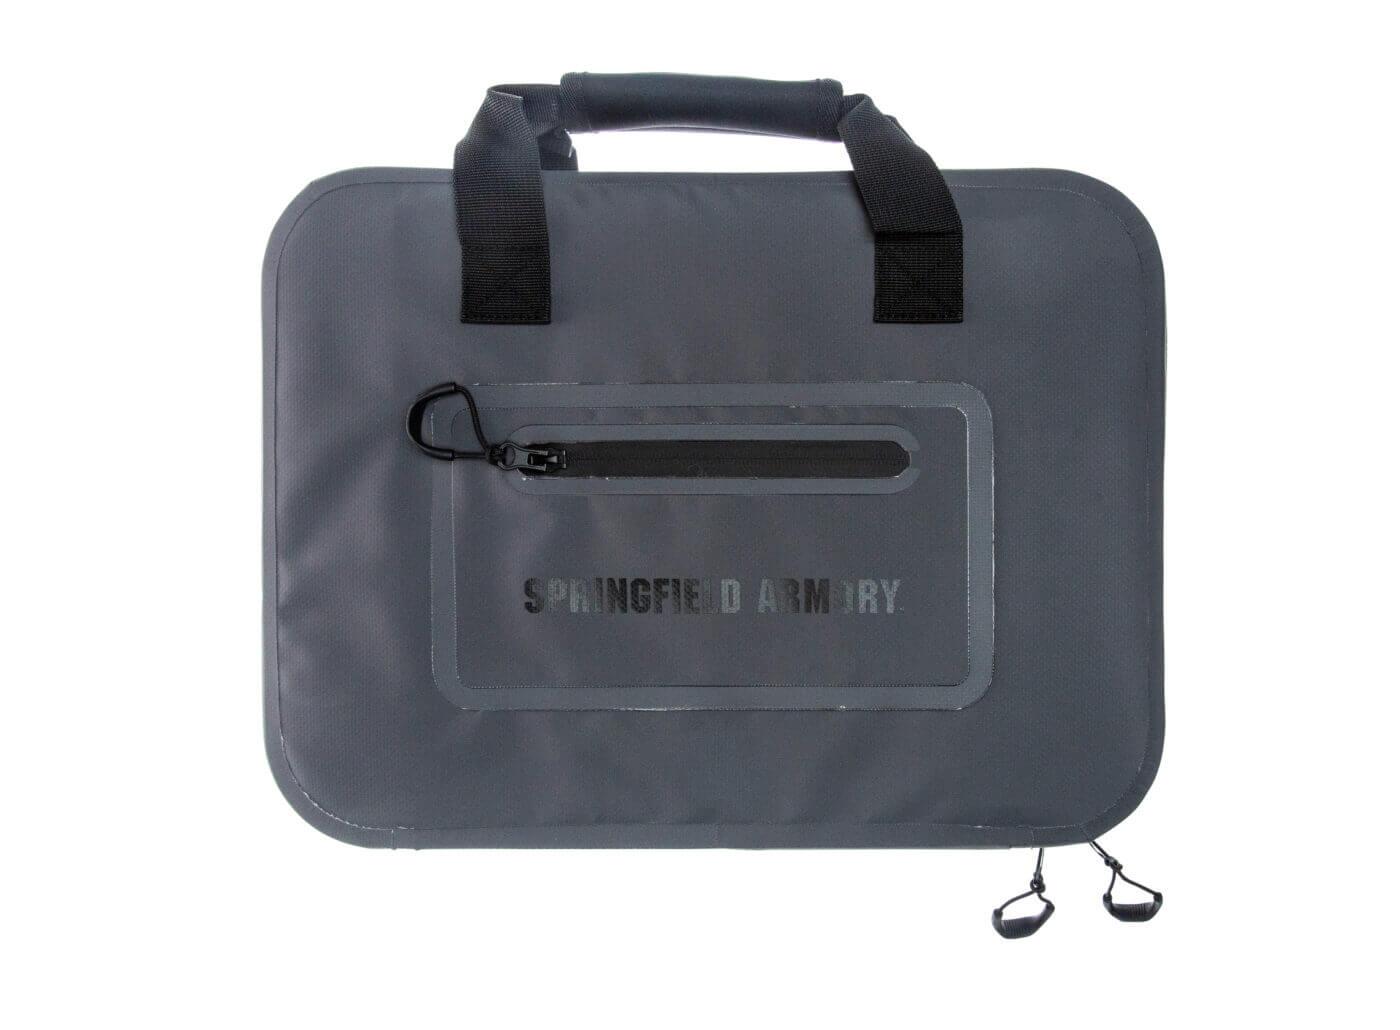 Waterproof pistol case